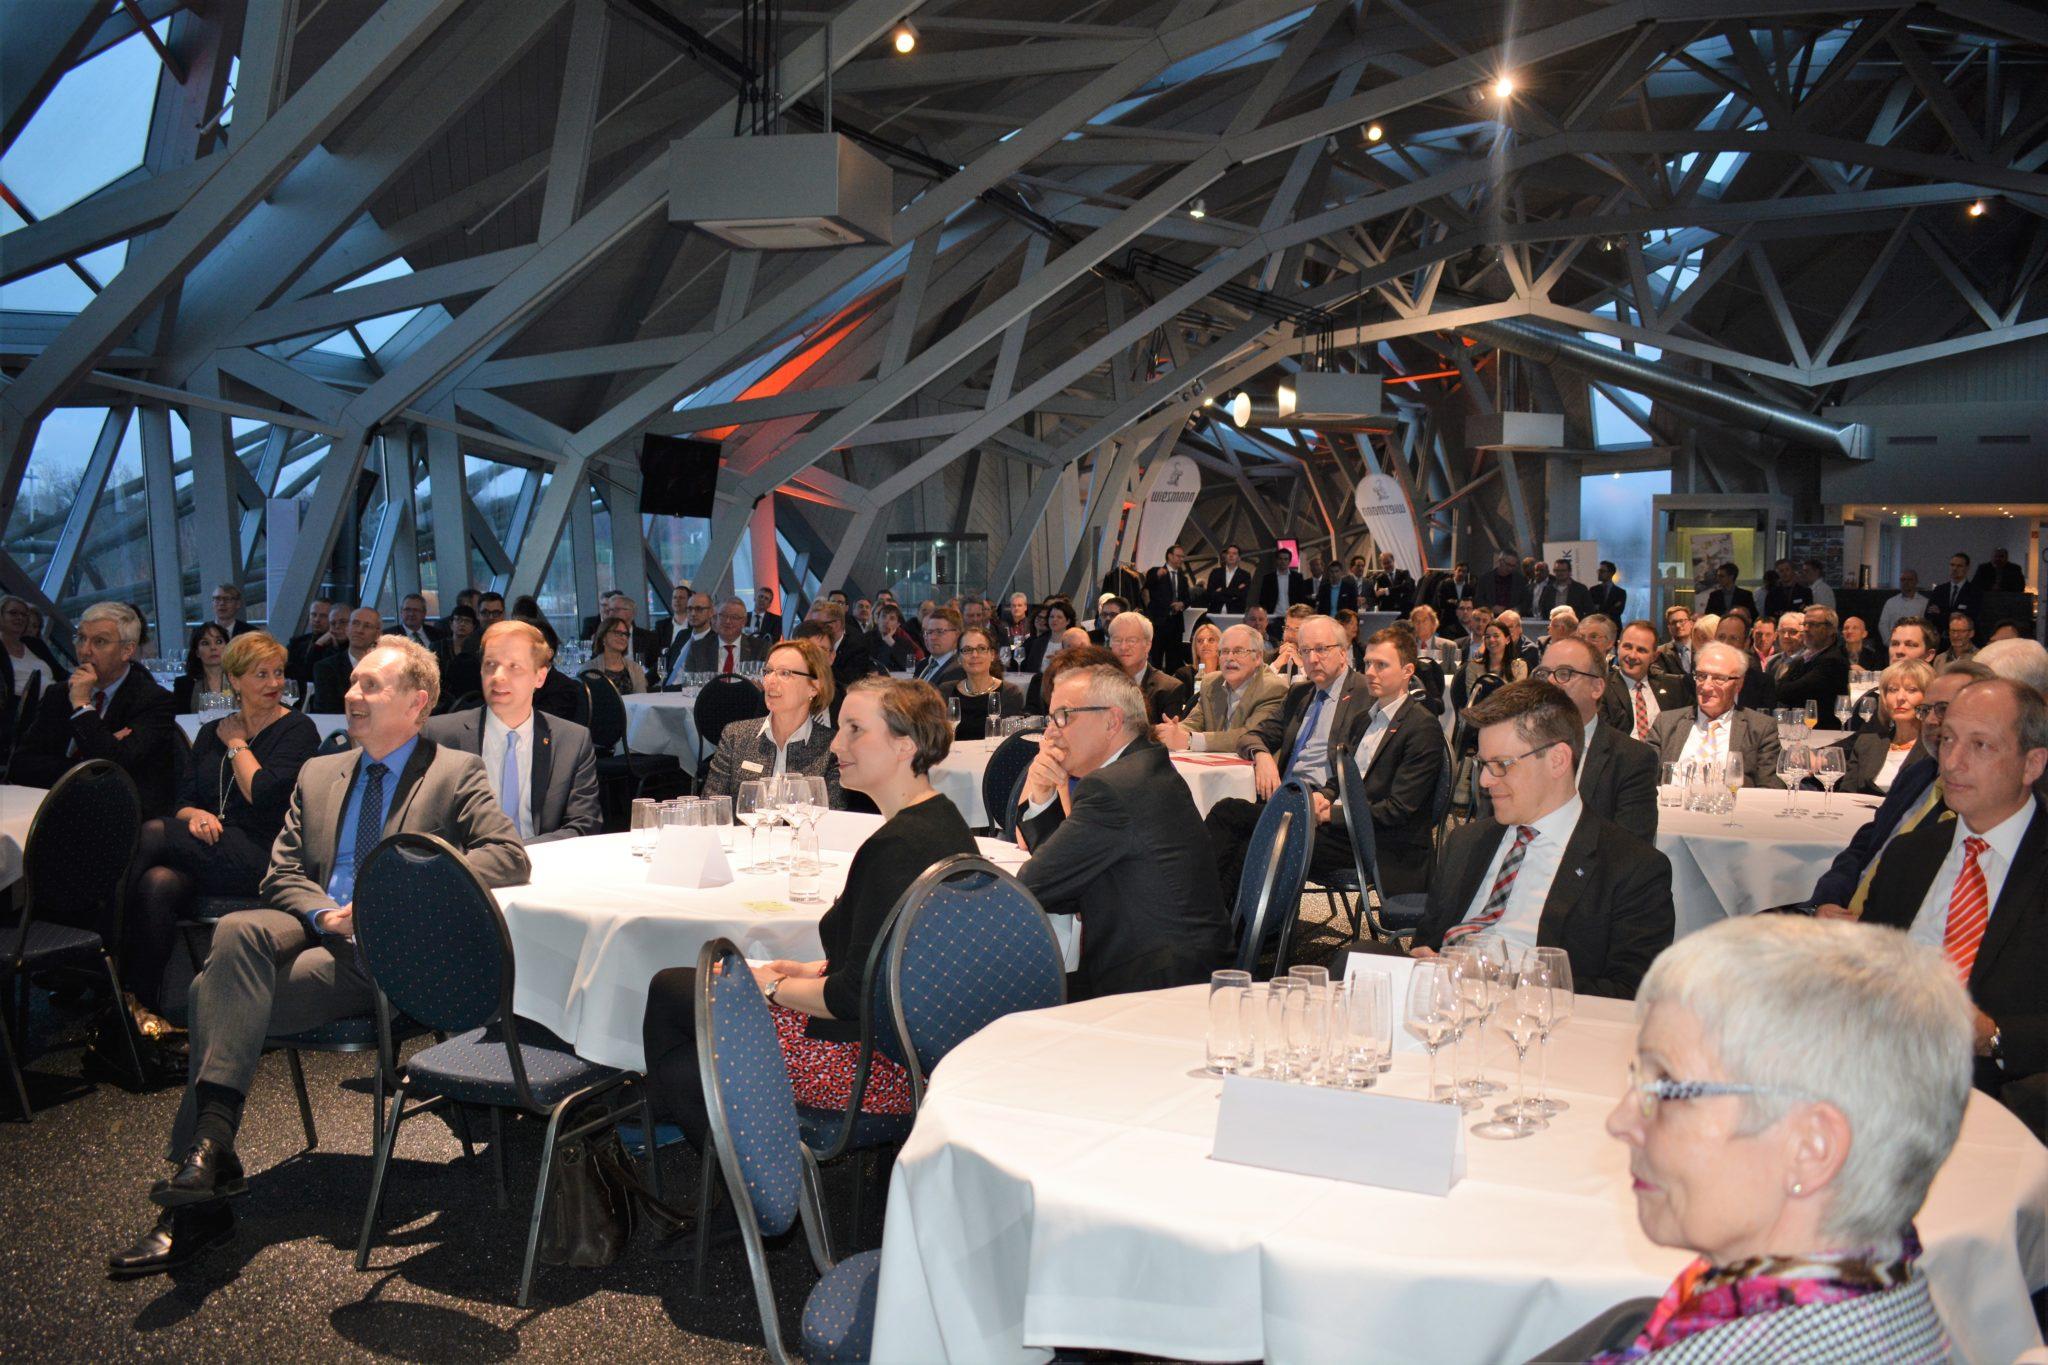 wfc feiert 50-jähriges Firmenbestehen / Über 180 Gäste nehmen an Jubiläumsfeier teil